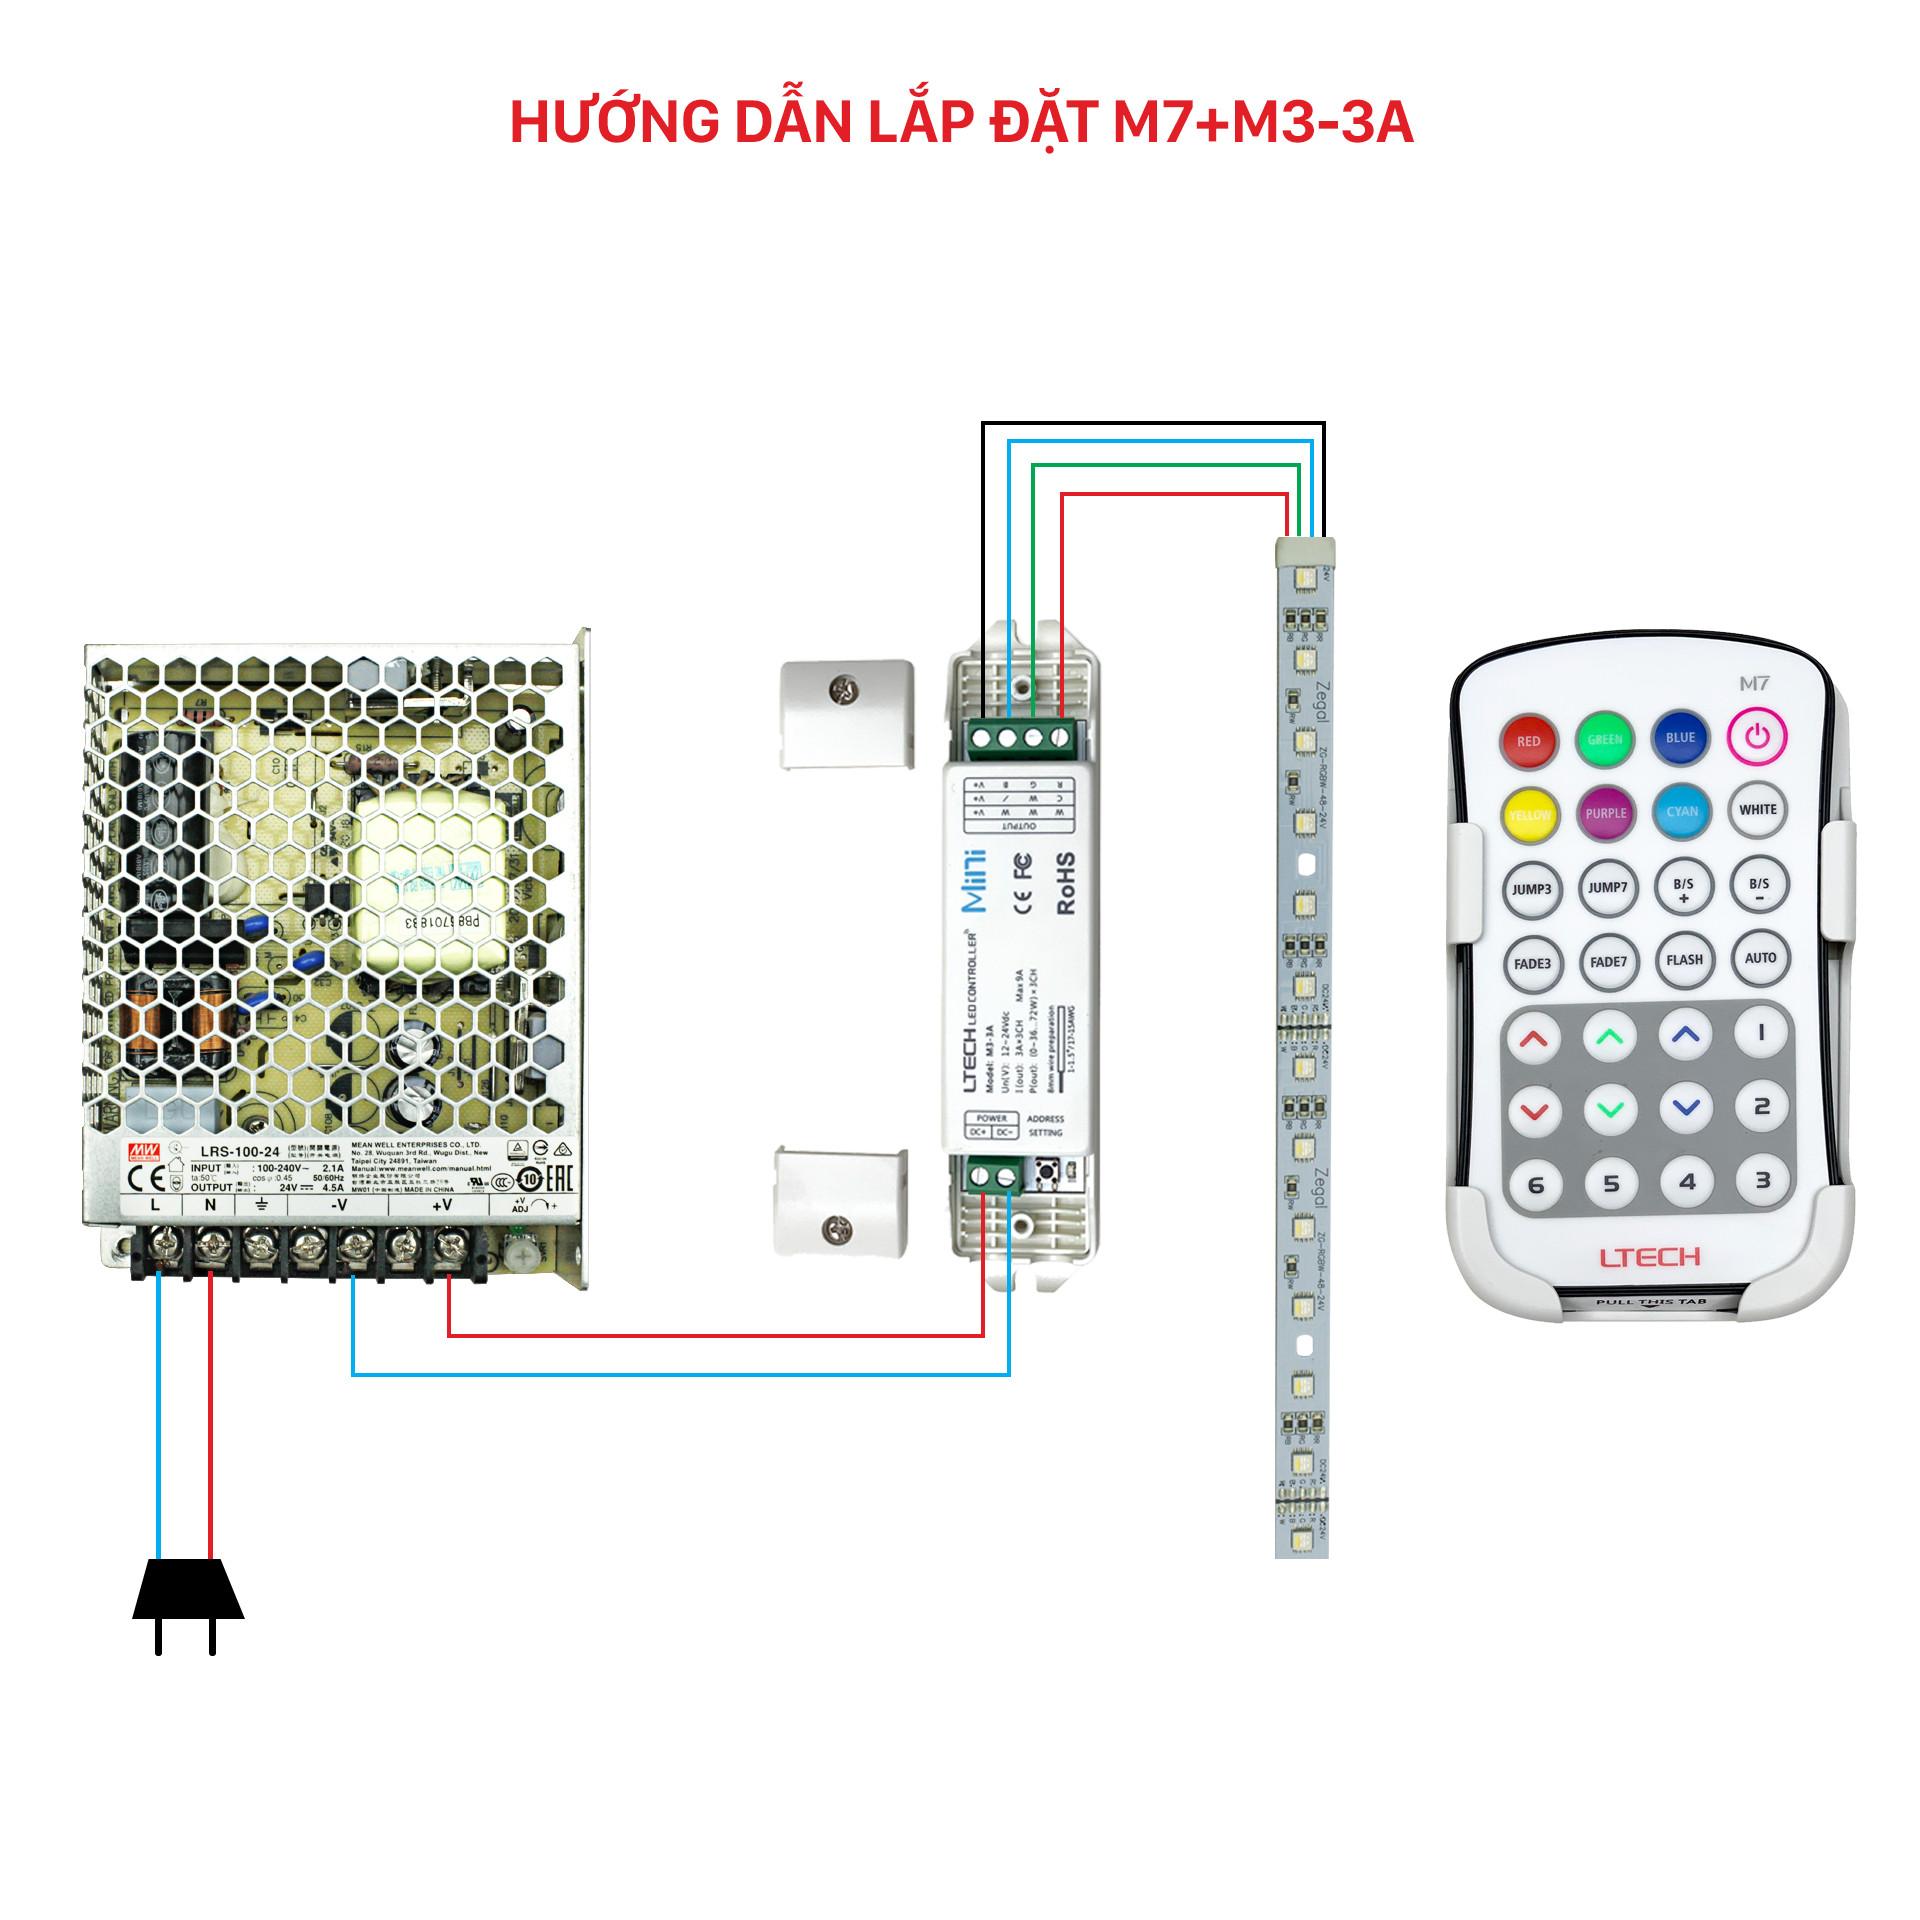 Bộ Điều Khiển Đèn Led Ltech M7+M3-3A Điều Chỉnh Màu Sắc Ánh Sáng, LED Dimmer Controller - Hàng Nhập Khẩu